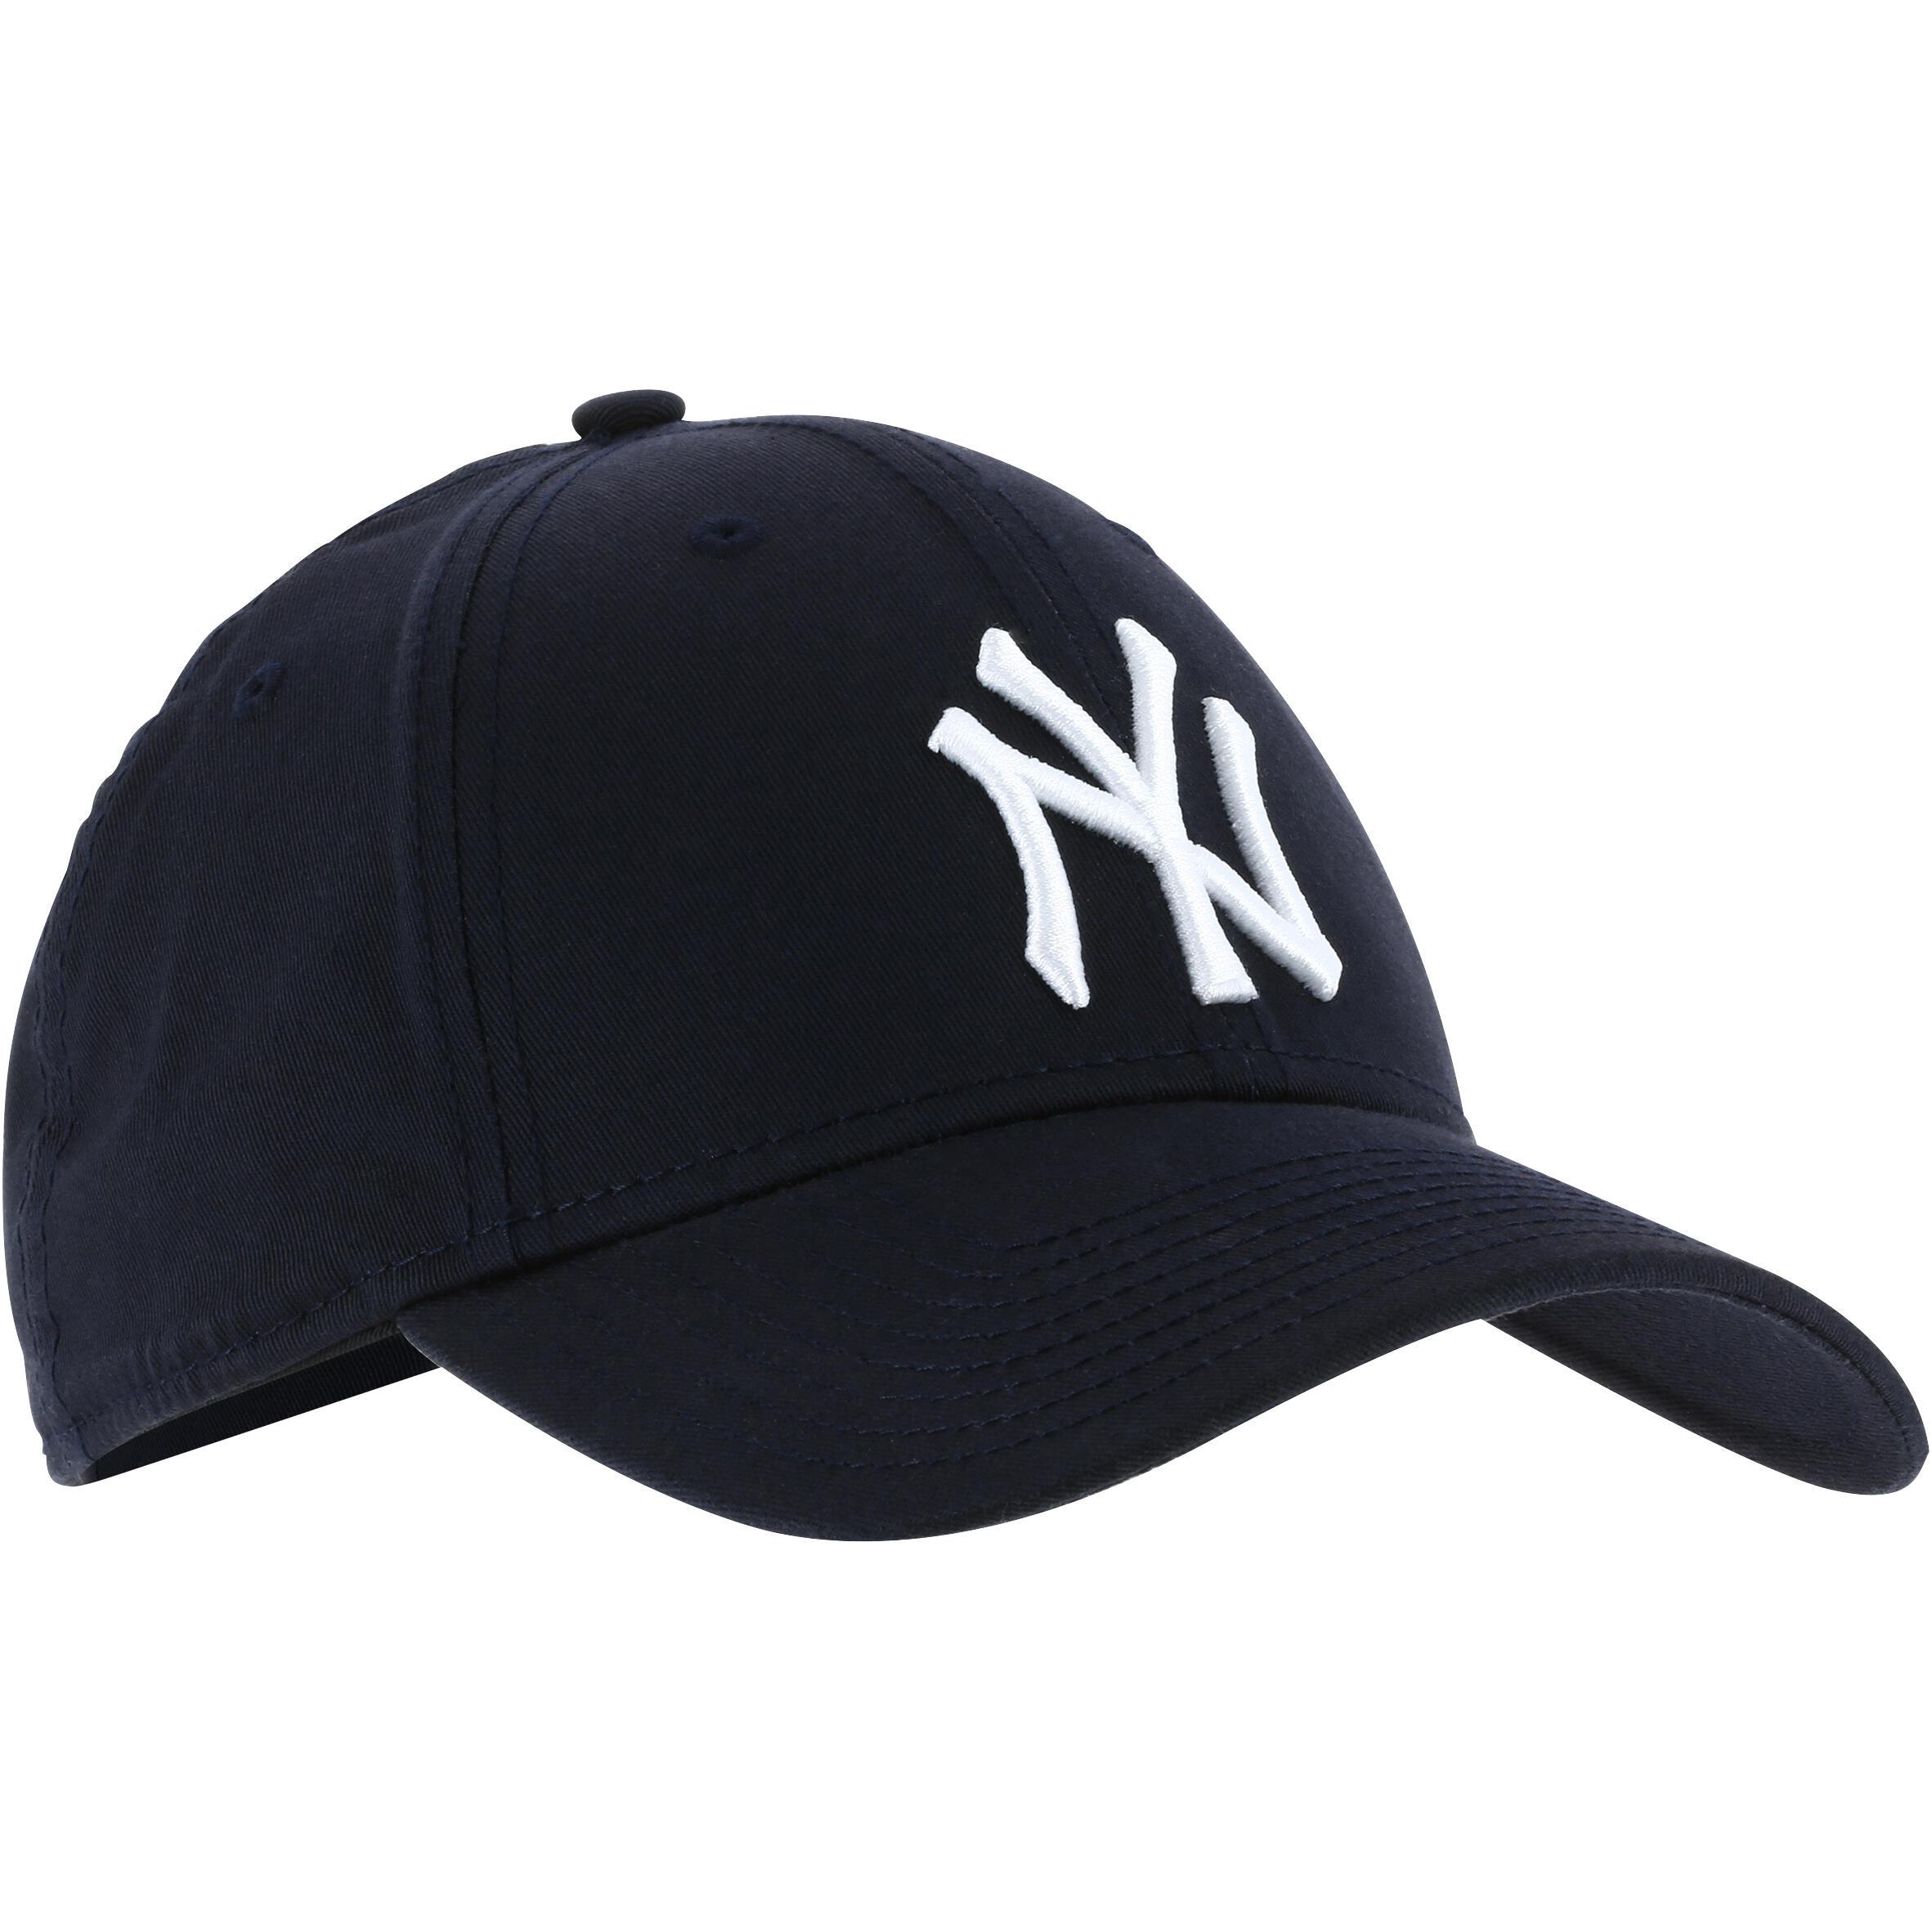 Baseballcap New York Yankees Erwachsene blau | Accessoires > Caps > Baseball Caps | Blau | New era